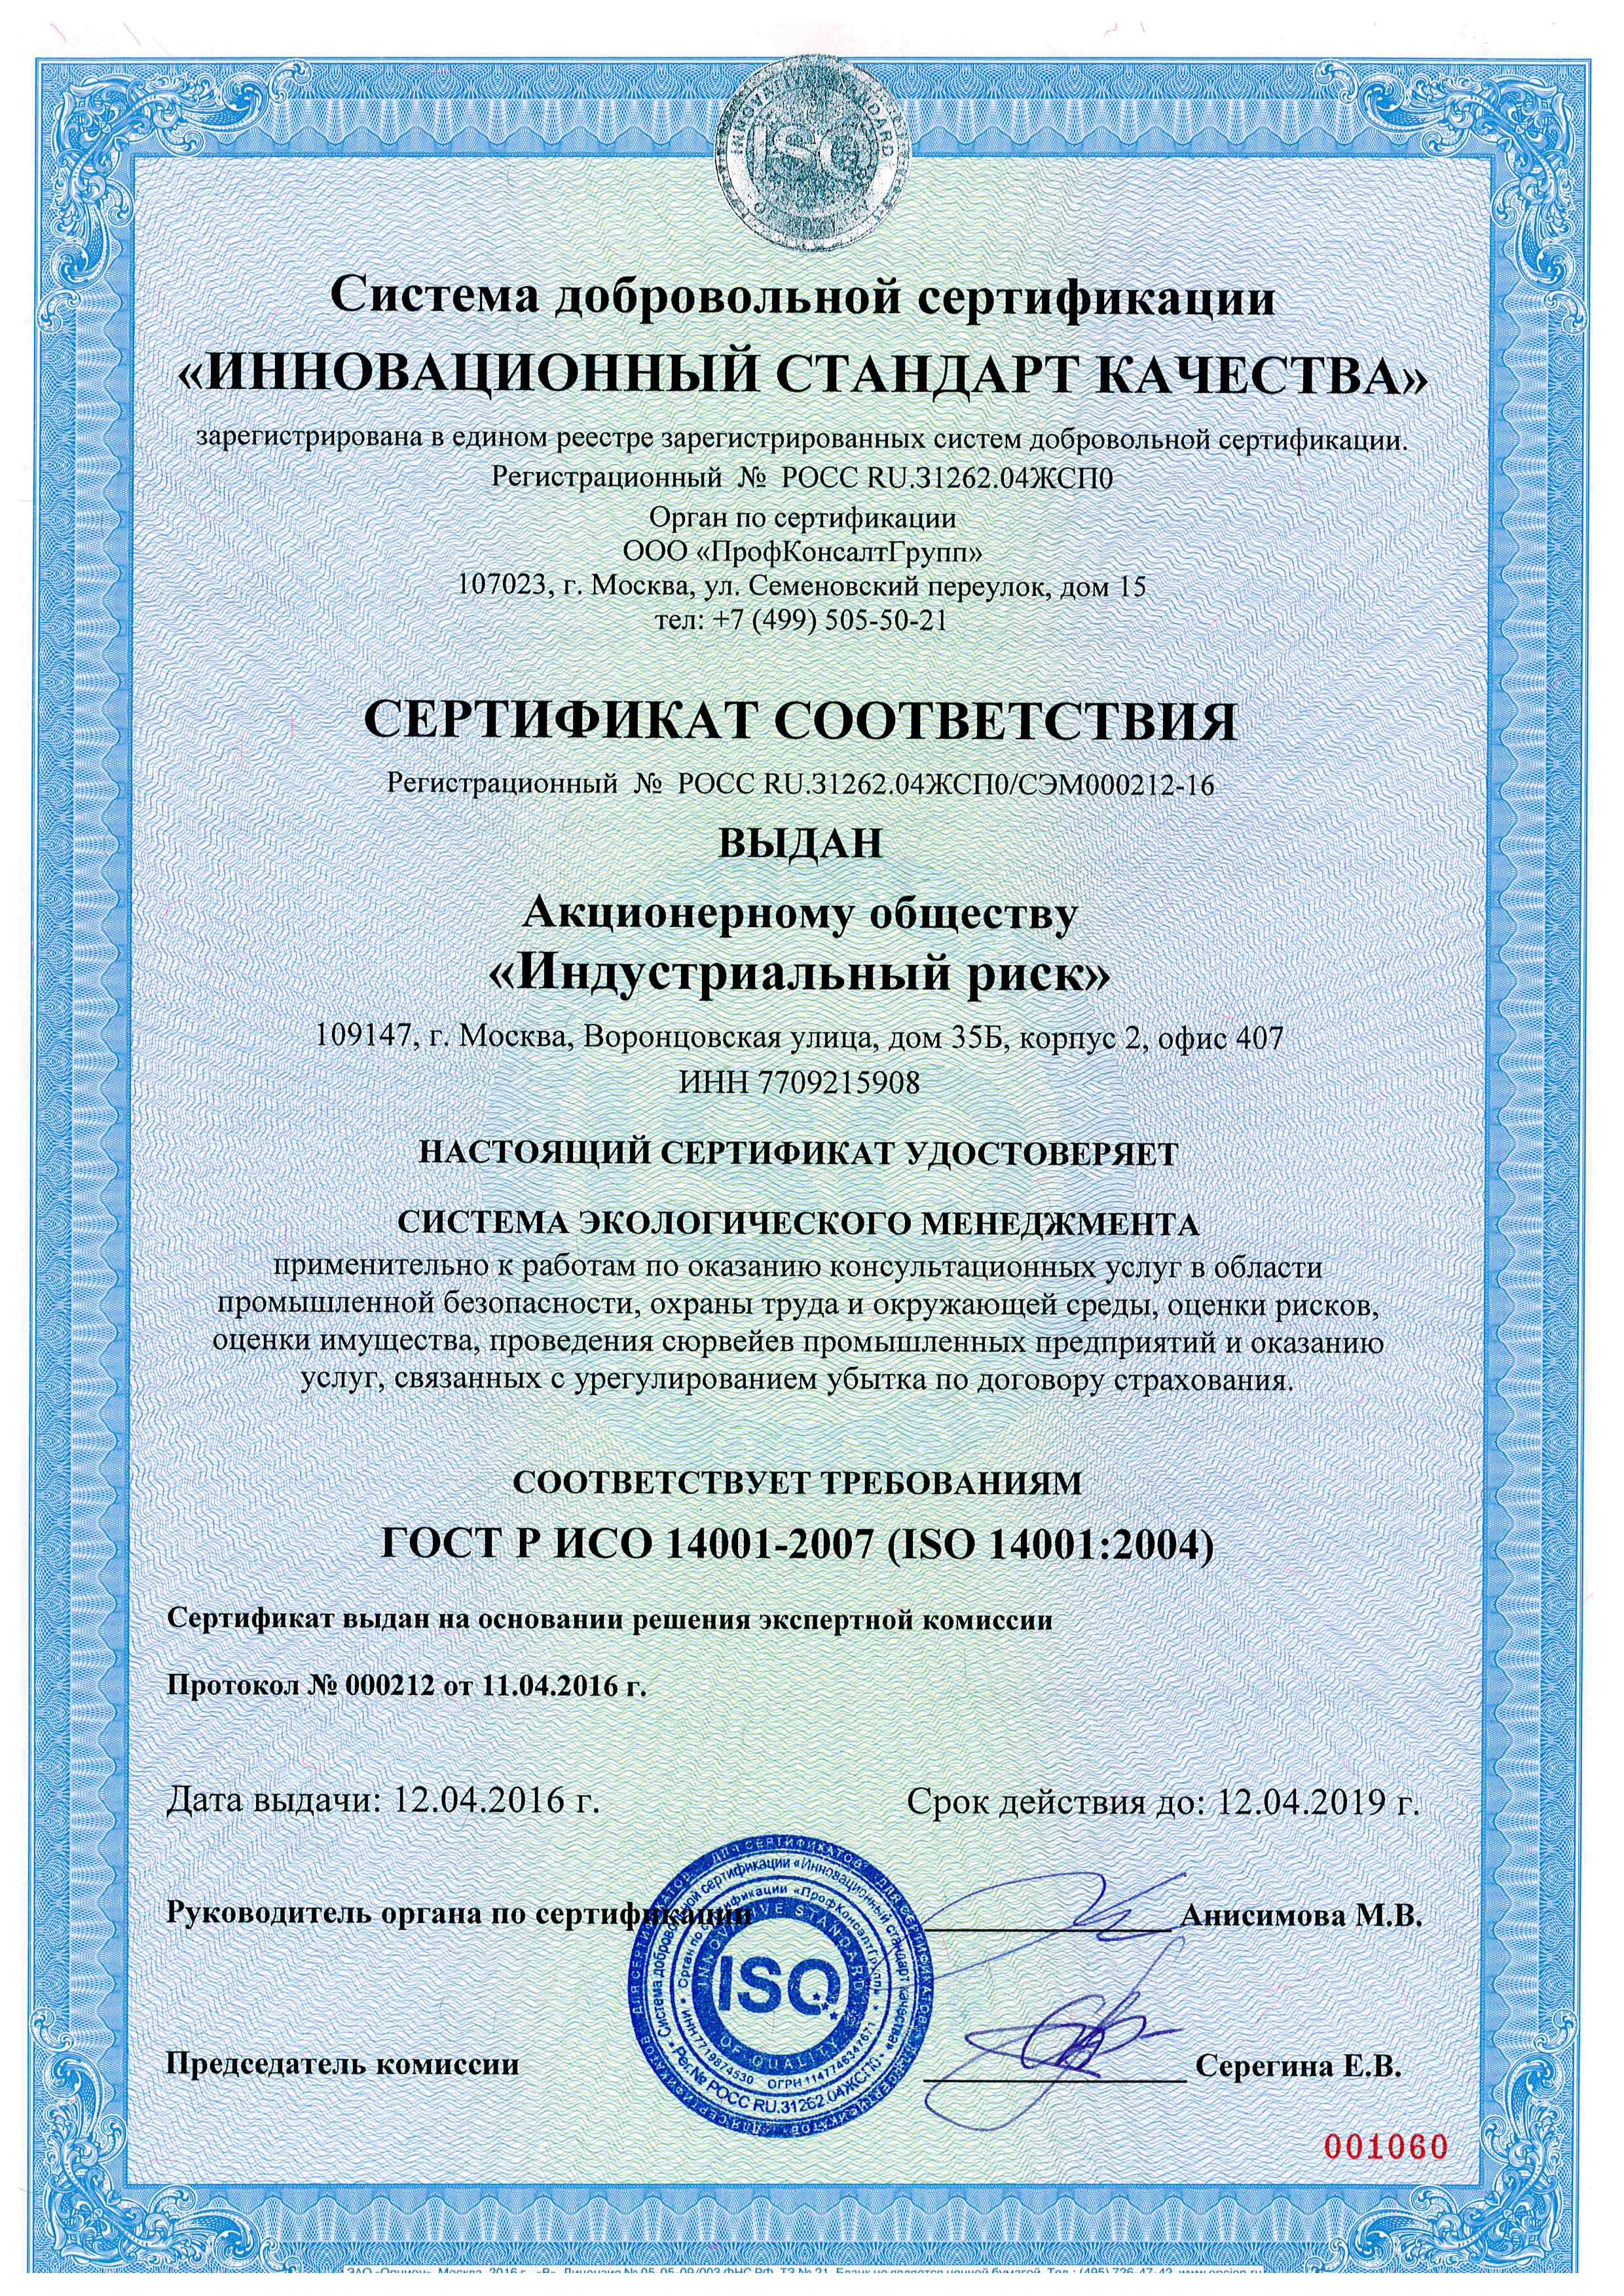 стоимость ИСО 14001 система экологического менеджмента 2015 в Москве